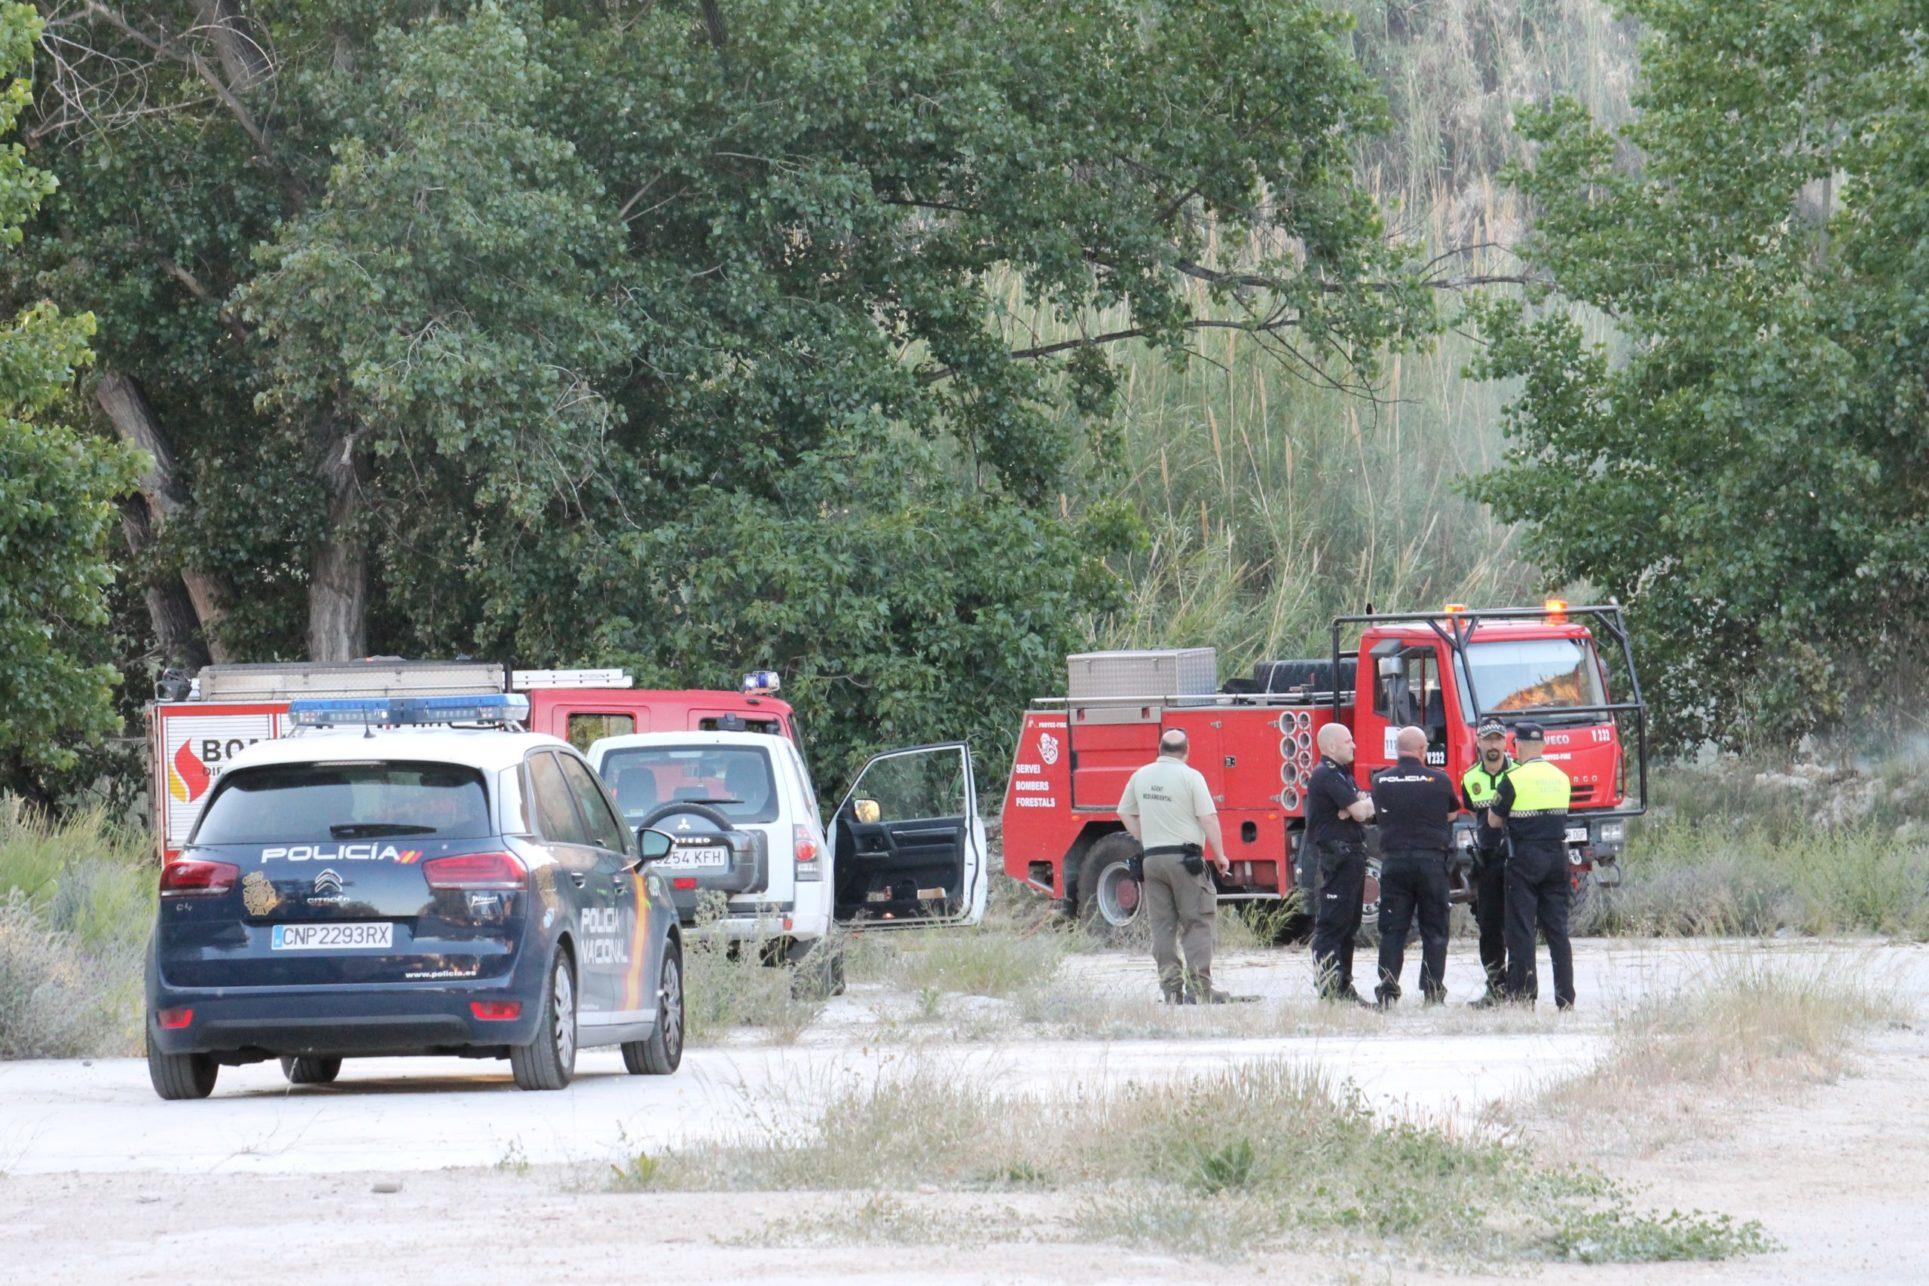 Els dispositius mobilitzats han aturat el foc ràpidament El Periòdic d'Ontinyent